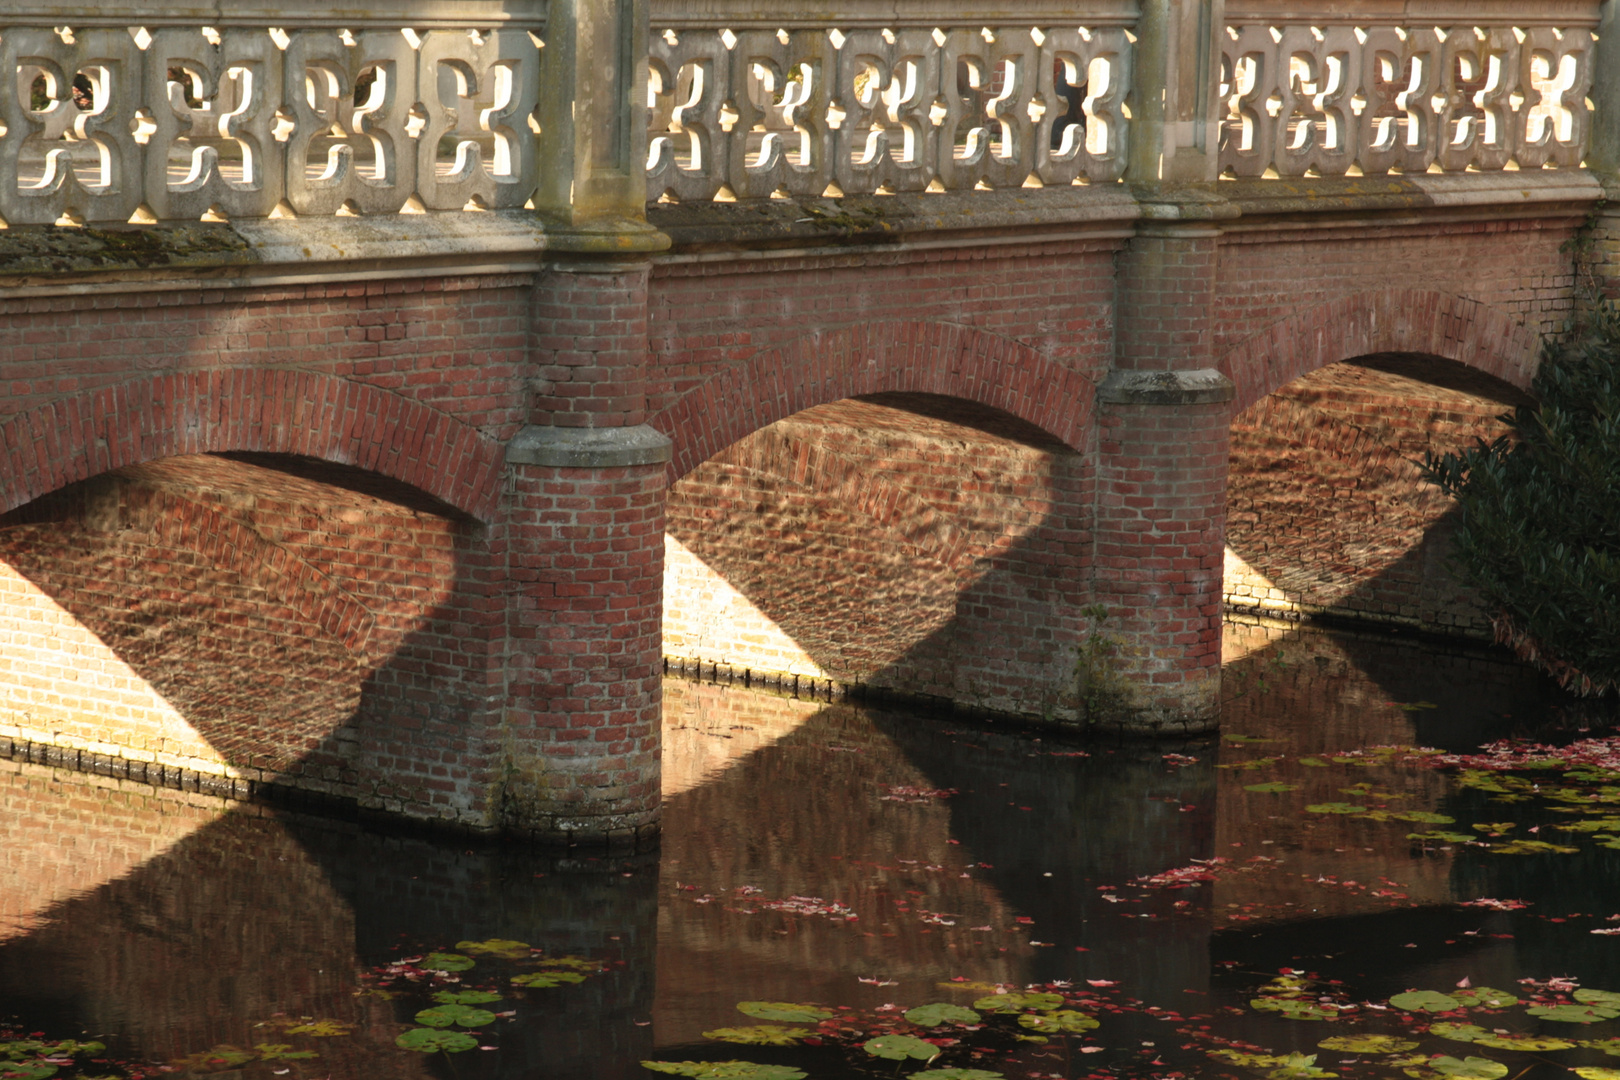 The Bridge von Moyland